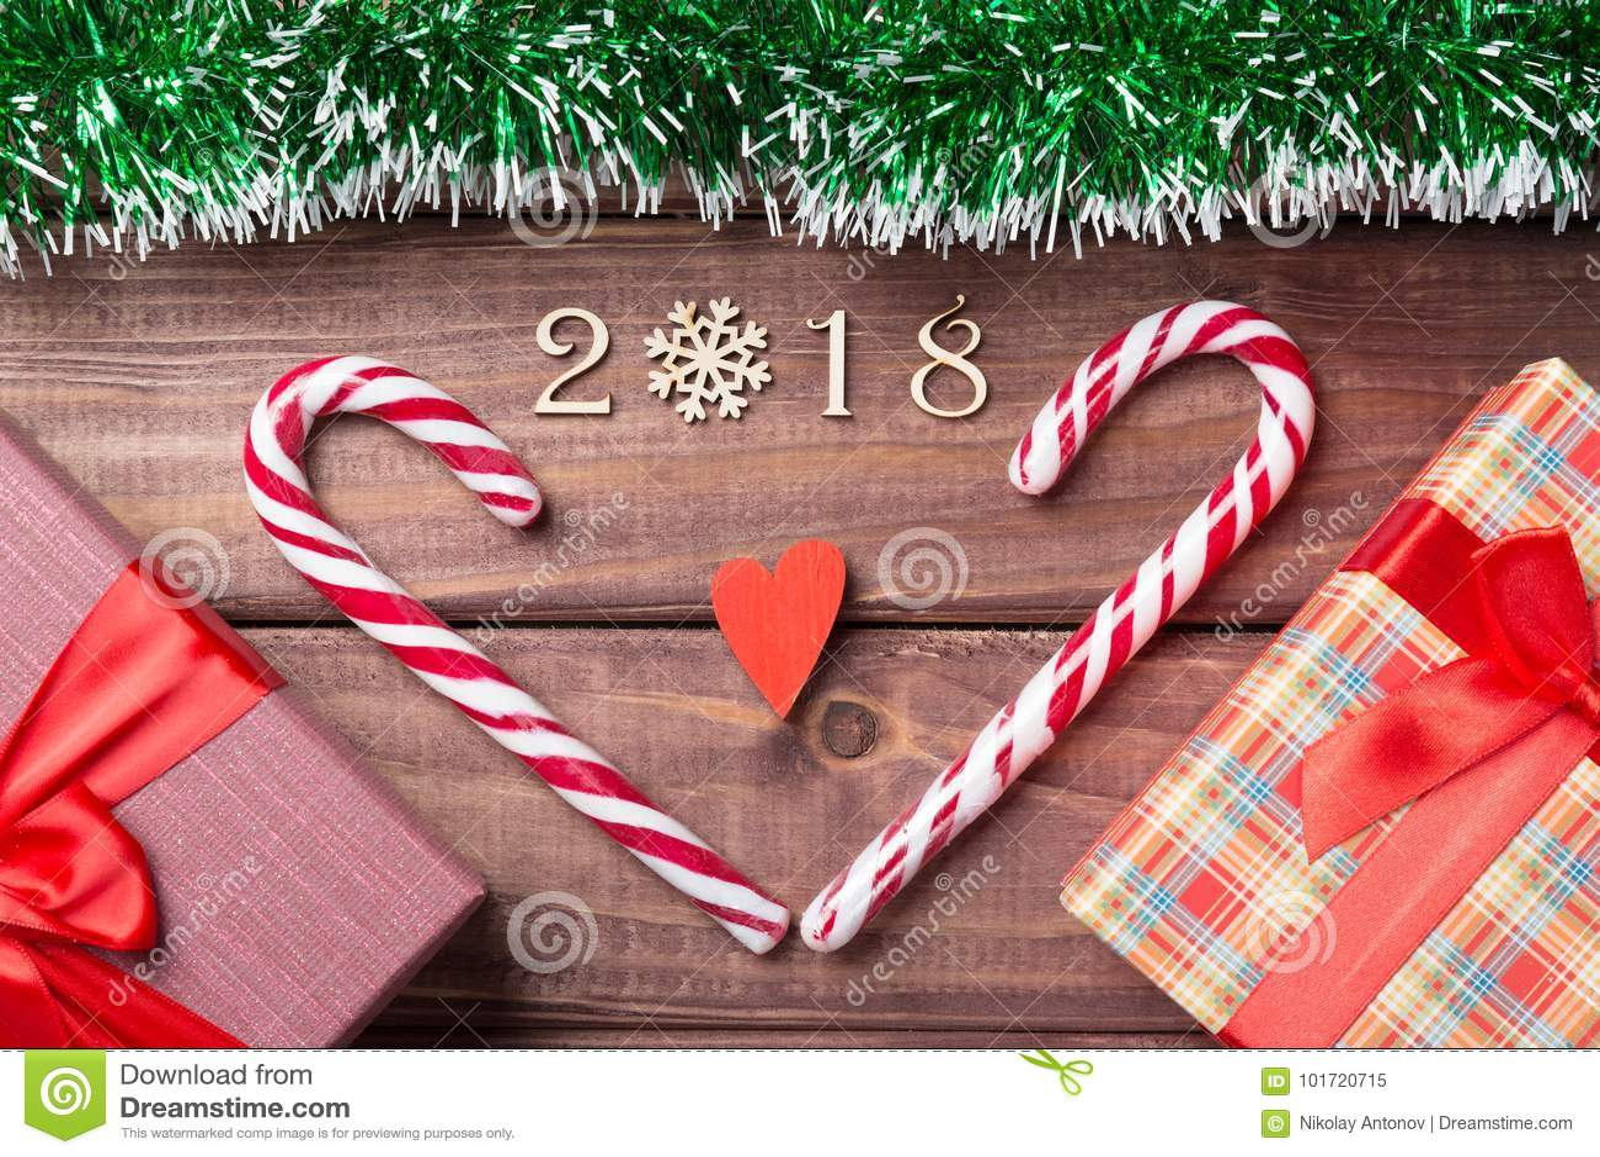 Tarjeta de Navidad del Año Nuevo o 2018 figuras decorativas de madera con los bastones de caramelo en forma de corazón, los giftb